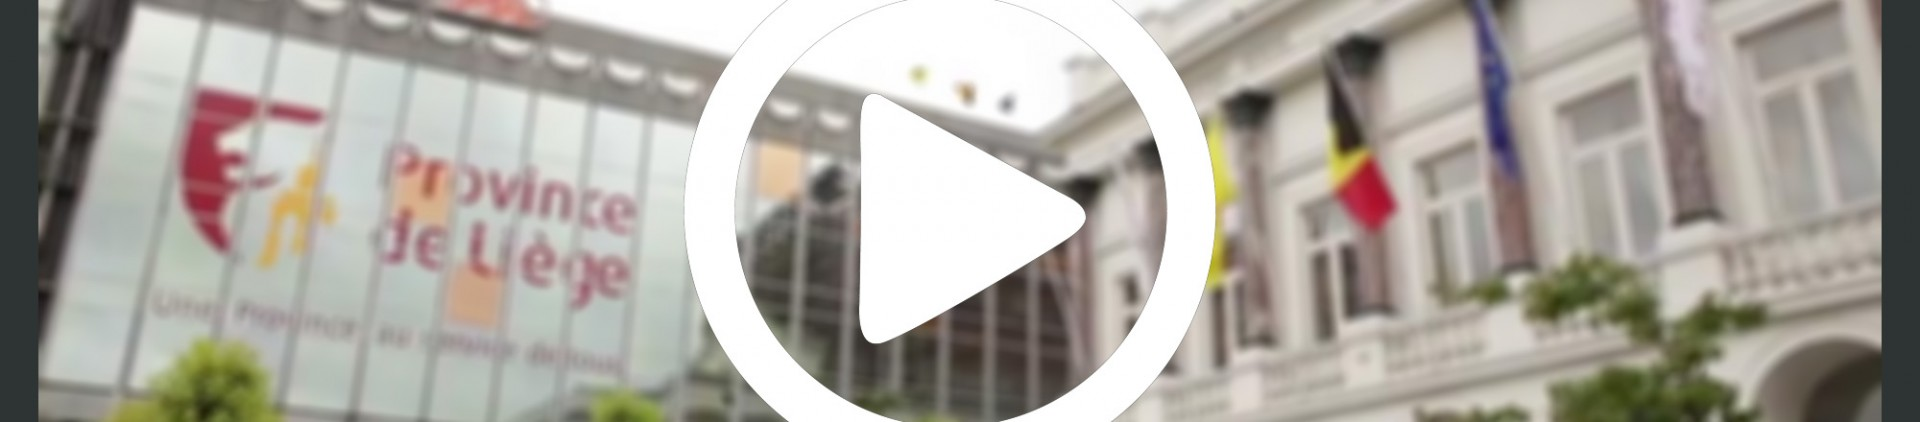 Vidéos youtube province de Liège